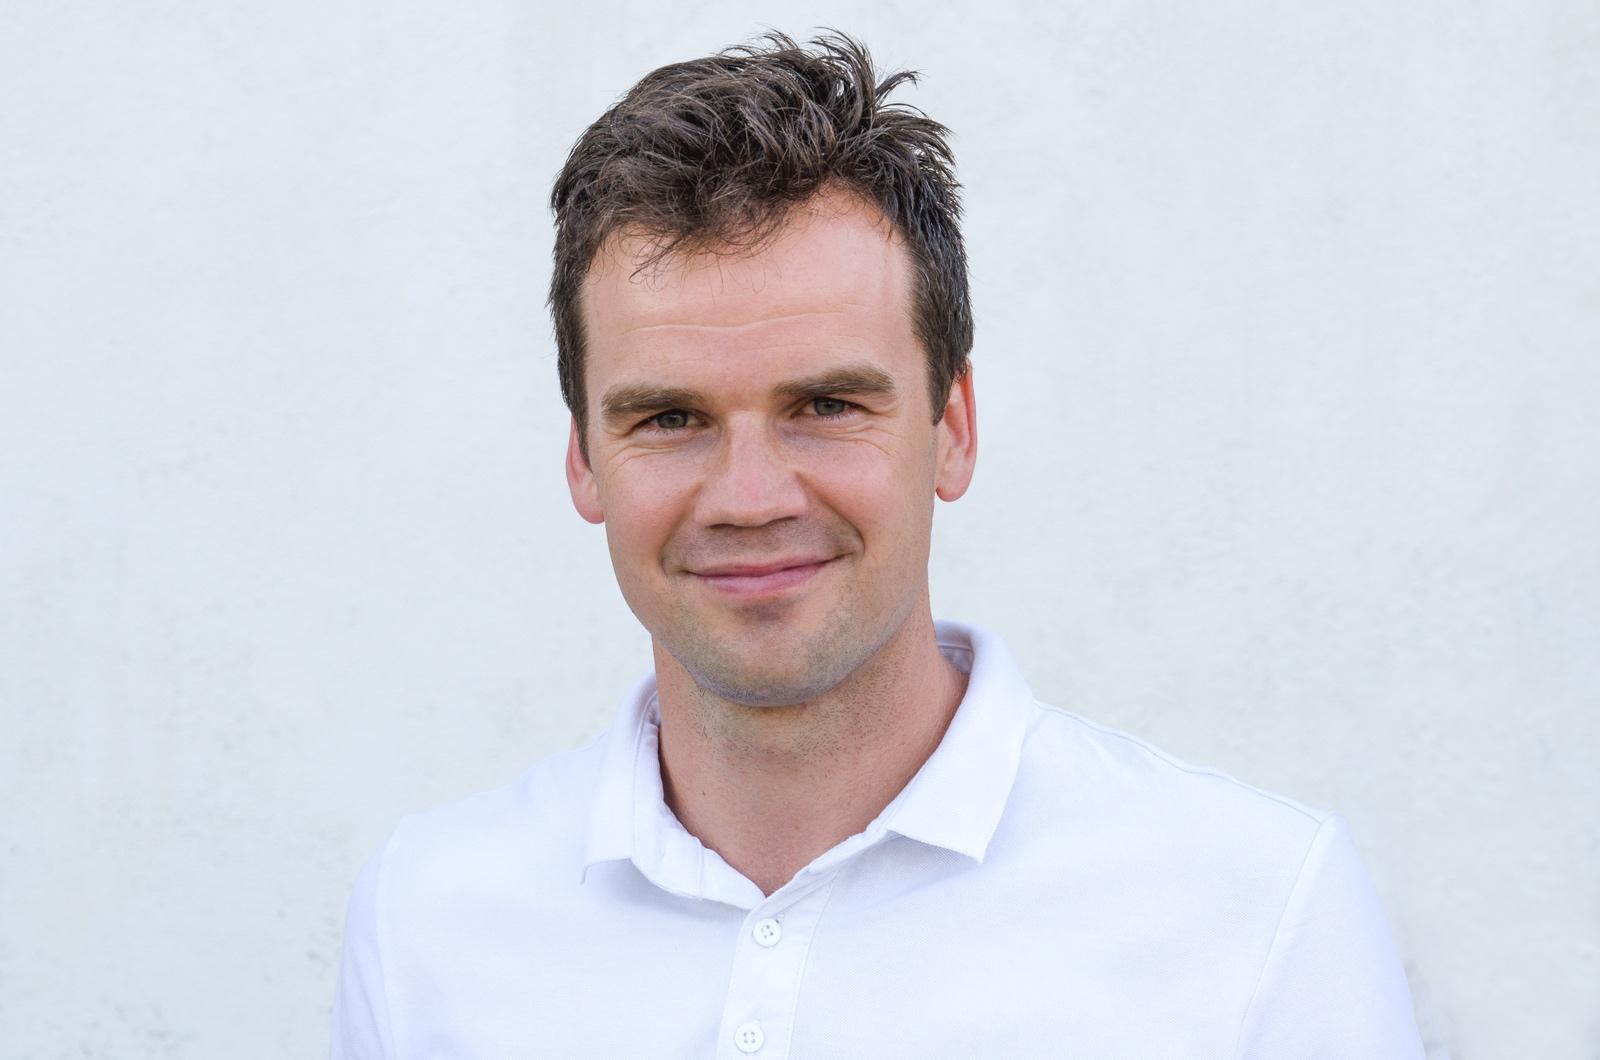 Łukasz Jaśkiewicz - Dietetyk i edukator żywieniowy. Pasjonat zdrowego stylu życia. Na co dzień jest także sportowcem, prowadzi warsztaty i szkolenia, interesuje się edukacją żywieniową najmłodszych, być może również przyszłych mistrzów…